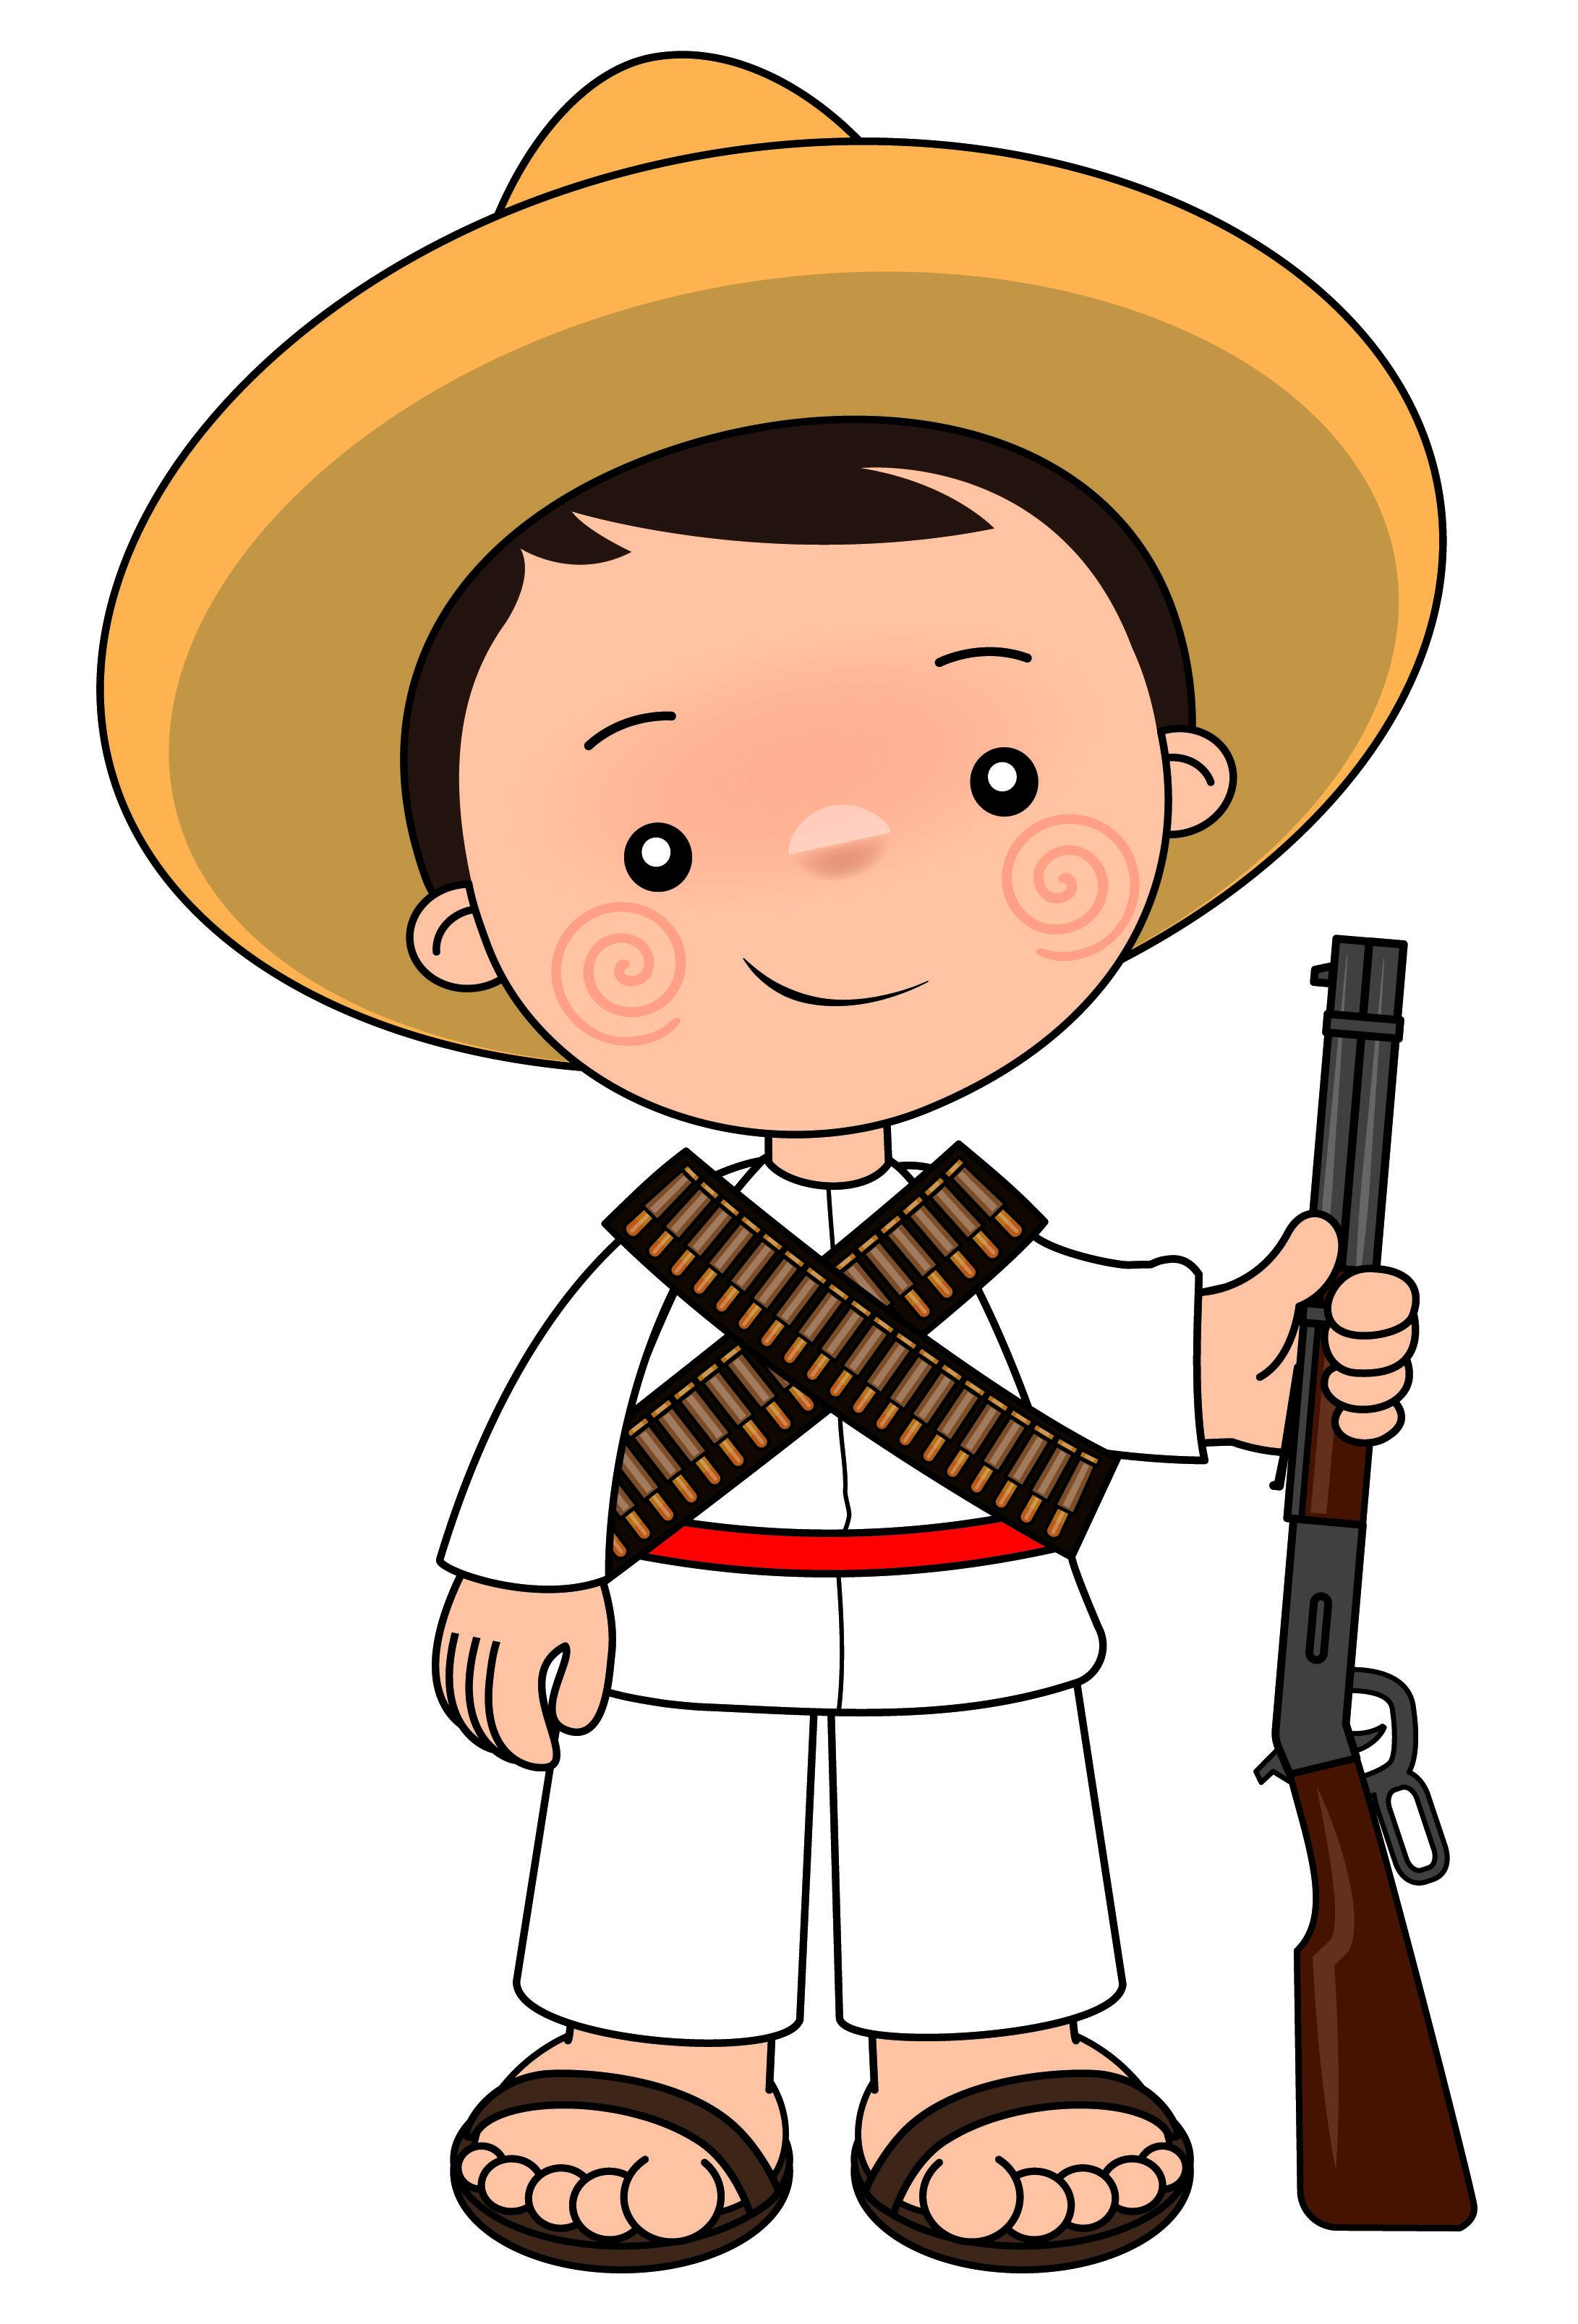 5 De Mayo Colorear 5 De Mayo Batalla De Puebla Dibujo Para ...